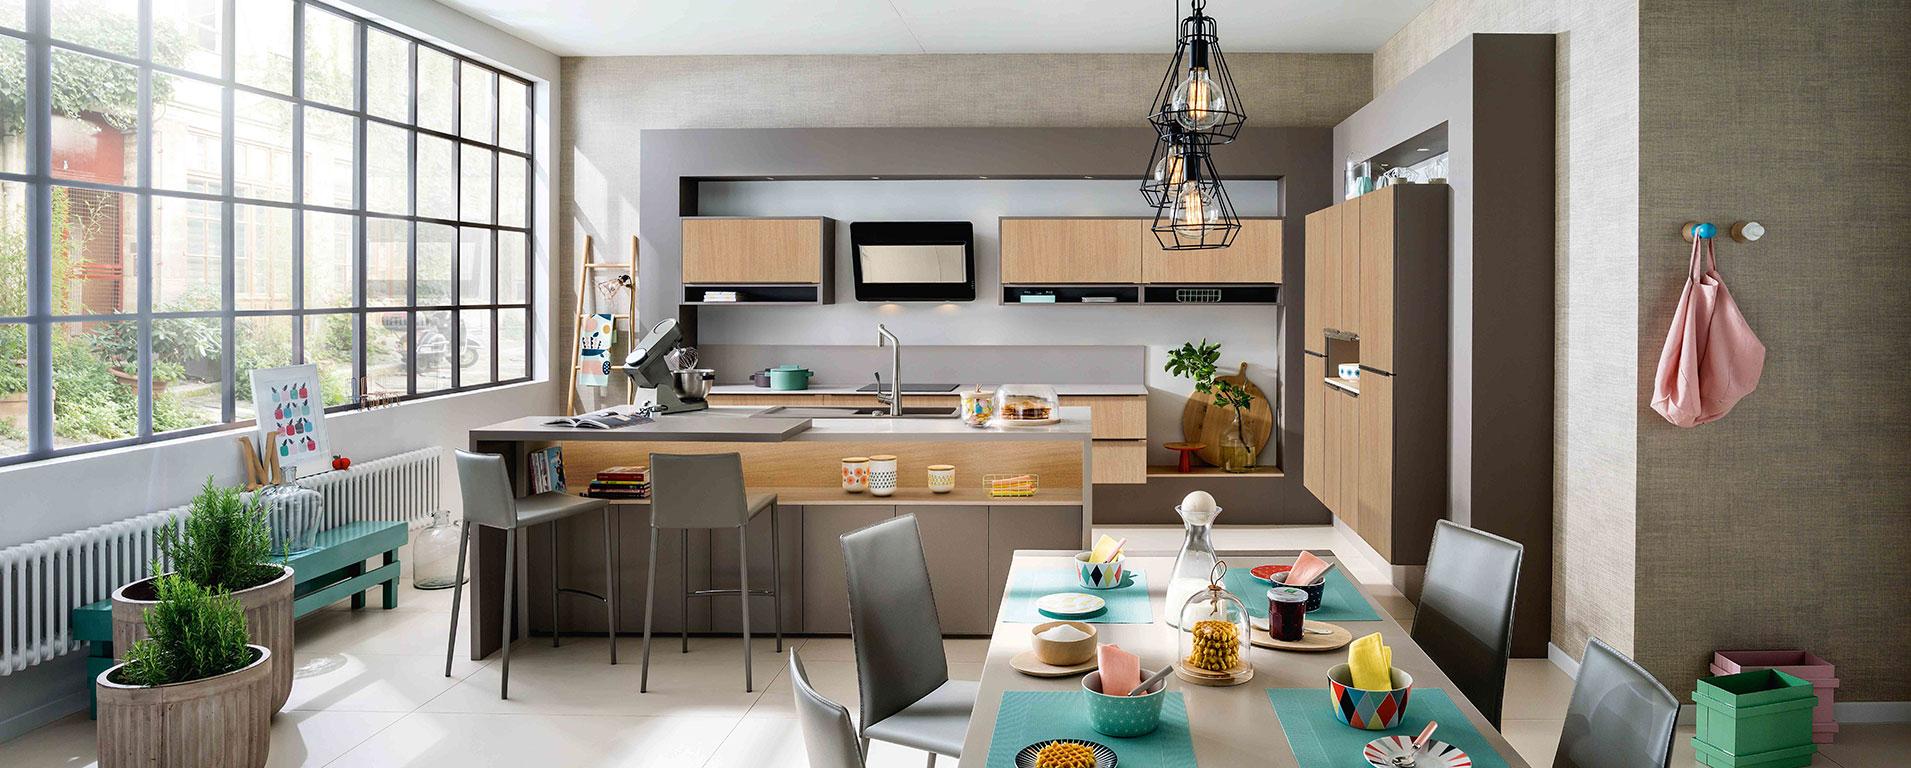 aménagement cuisine : les accessoires malins | plans pluriel